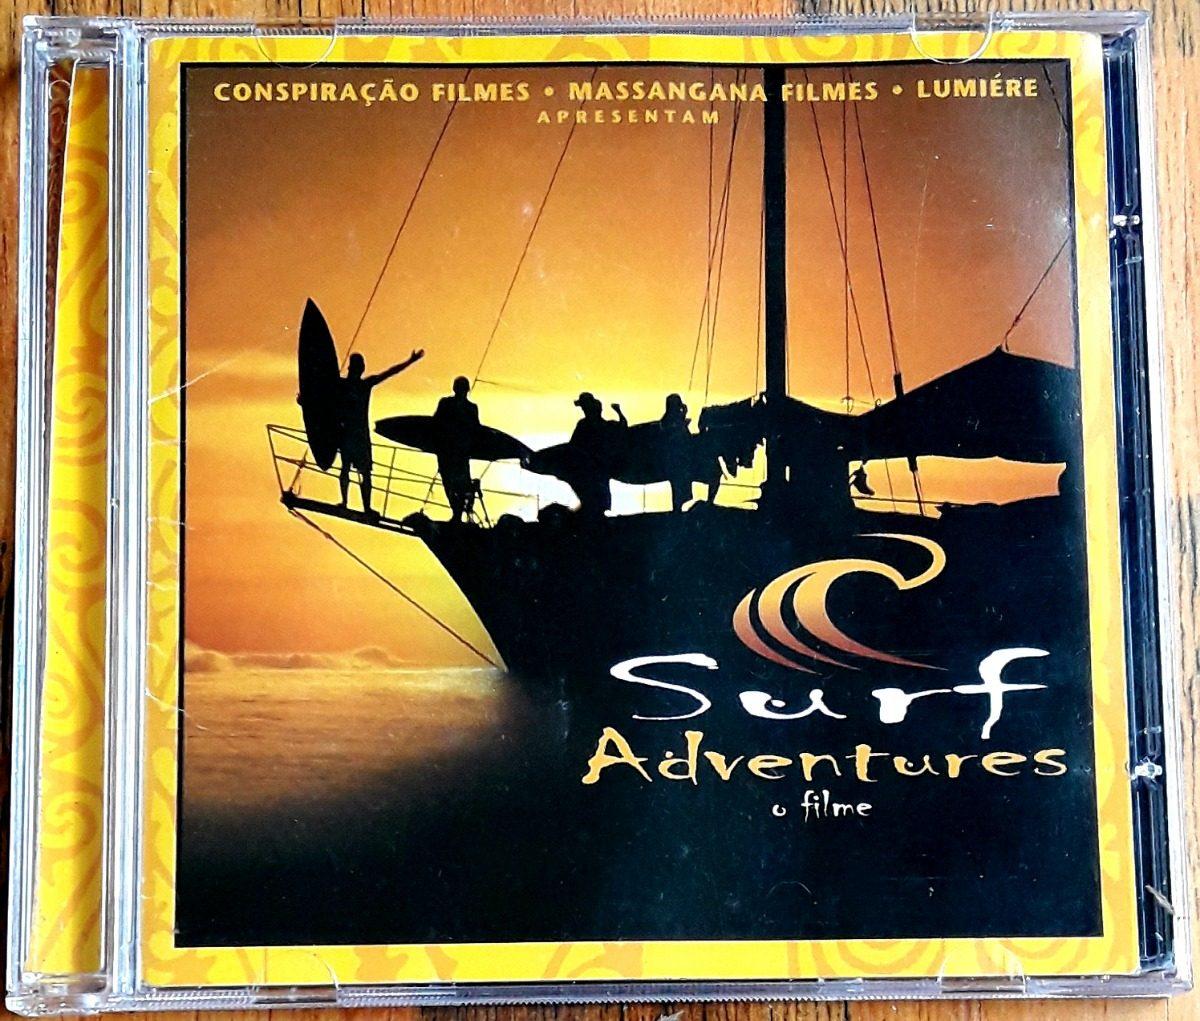 trilha sonora do filme surf adventures 2